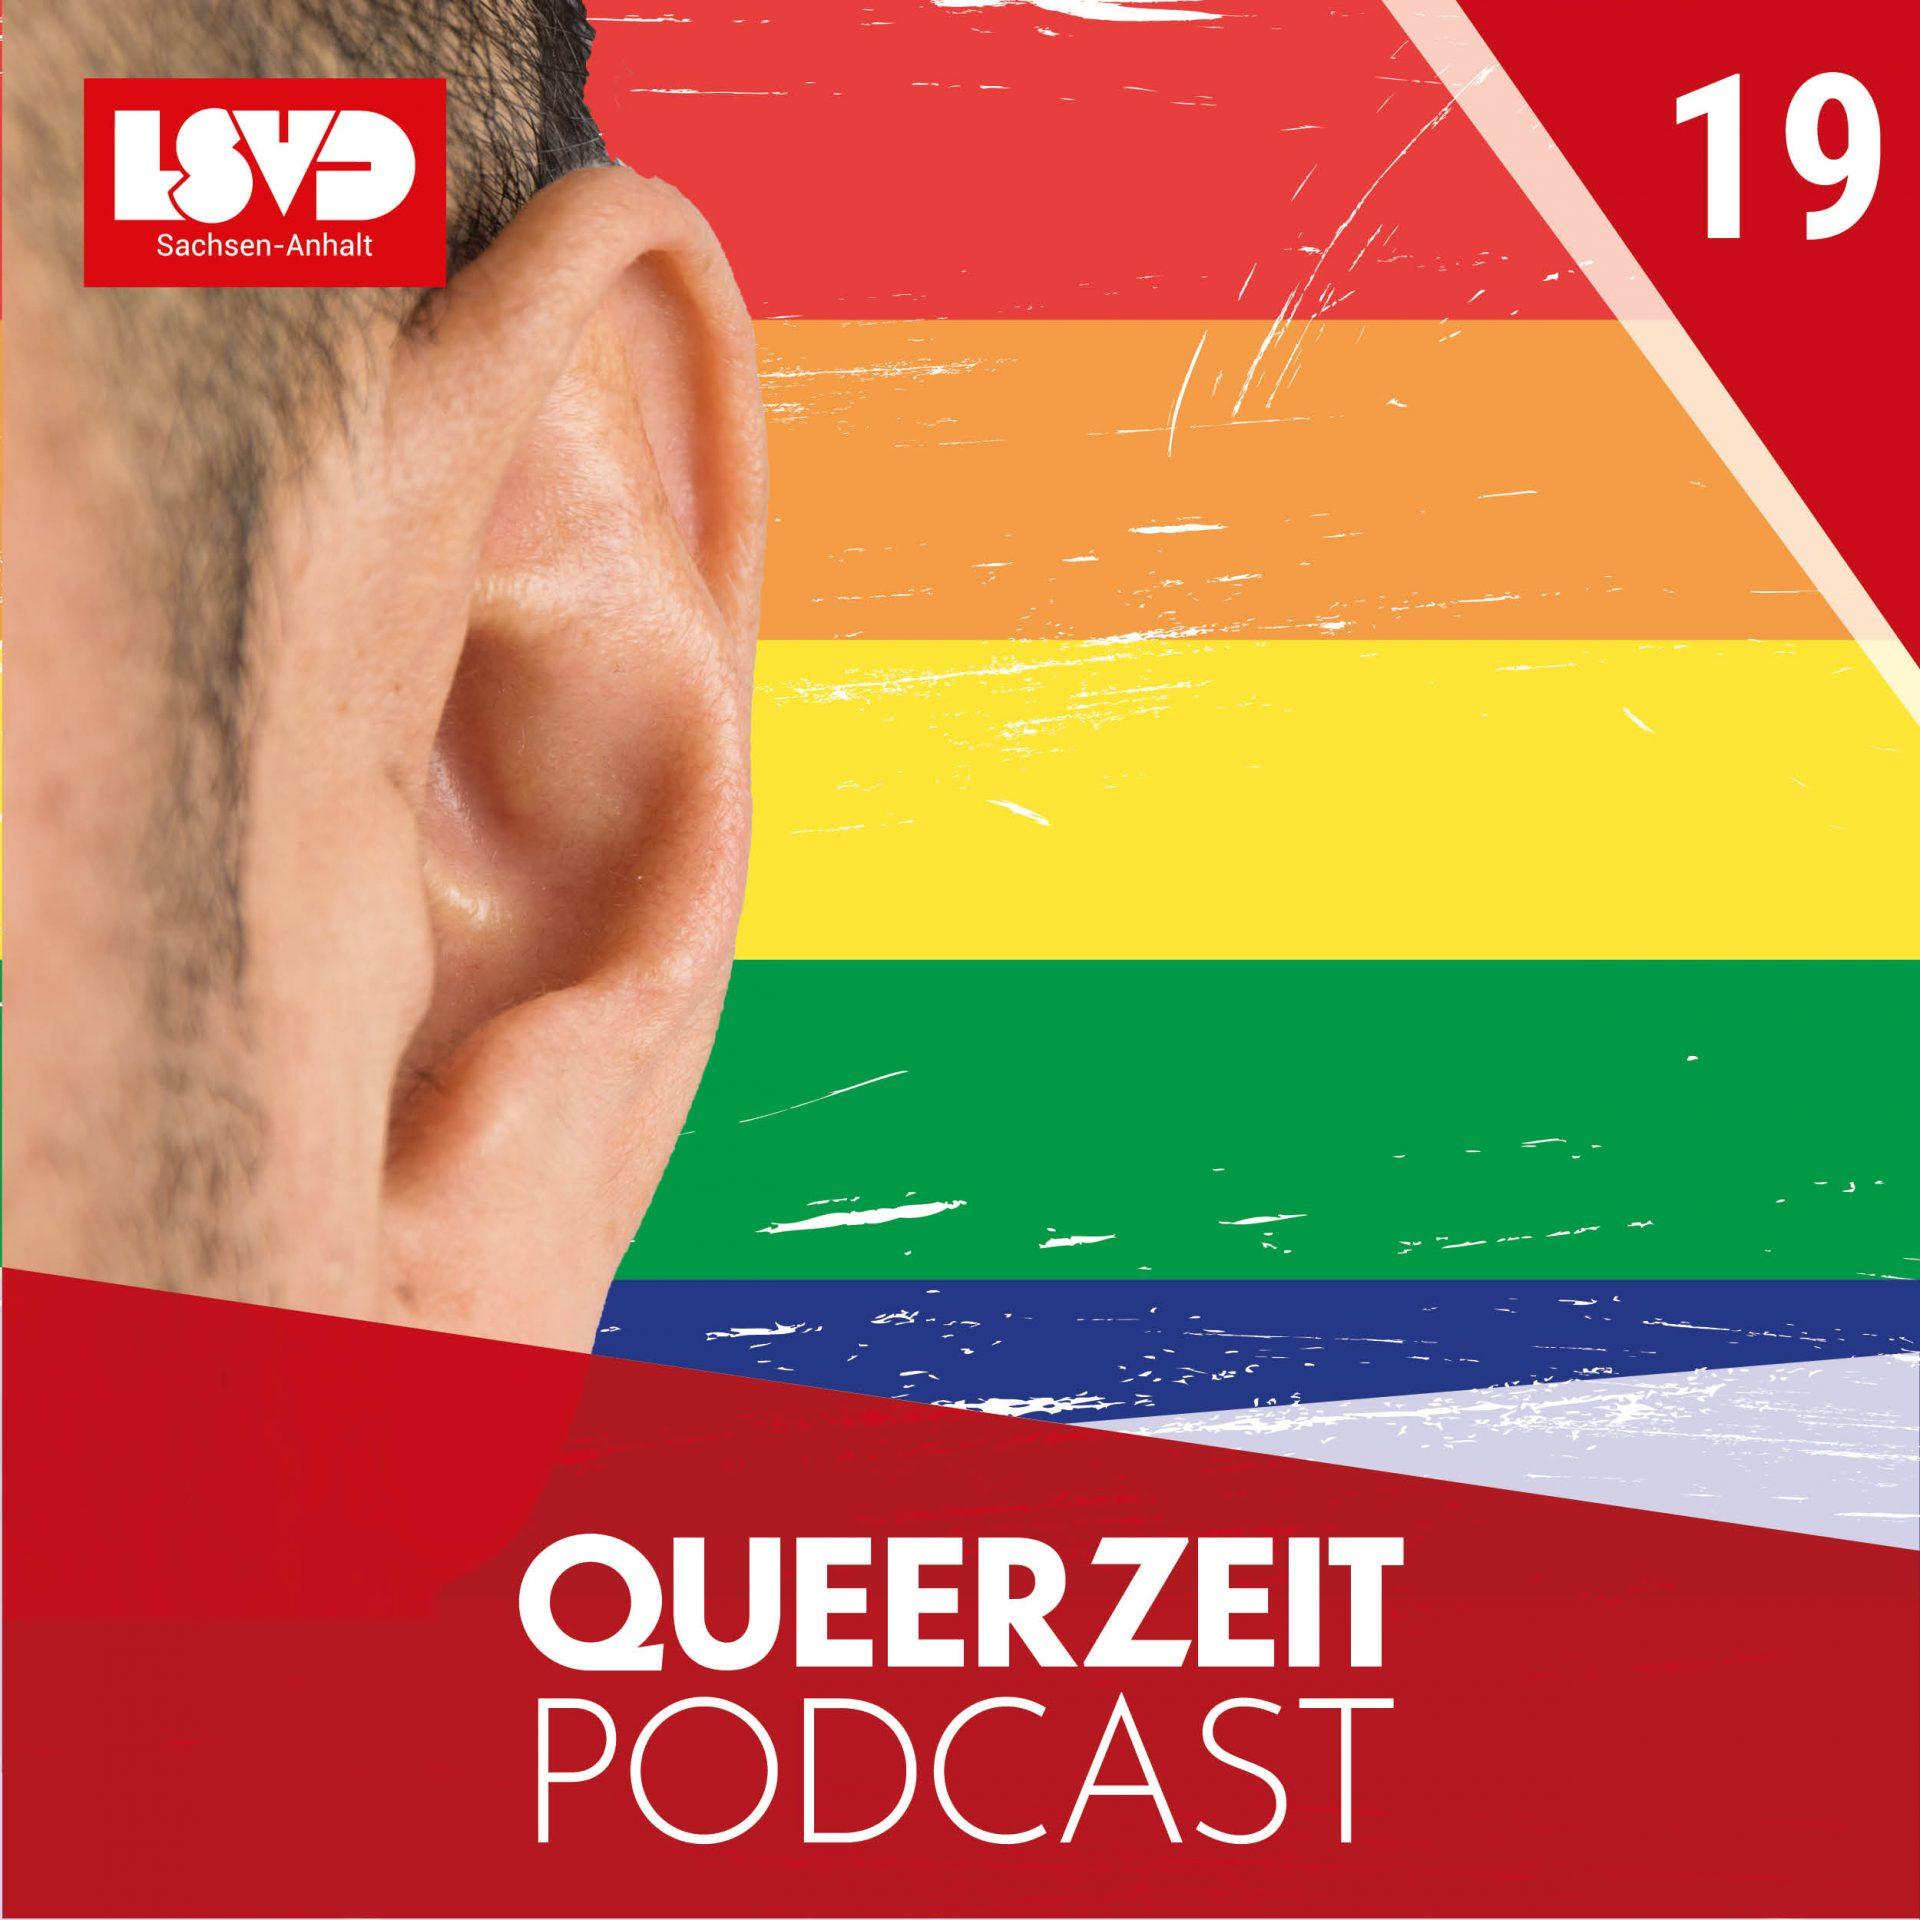 Queerzeit #19 – Uner_hört queer